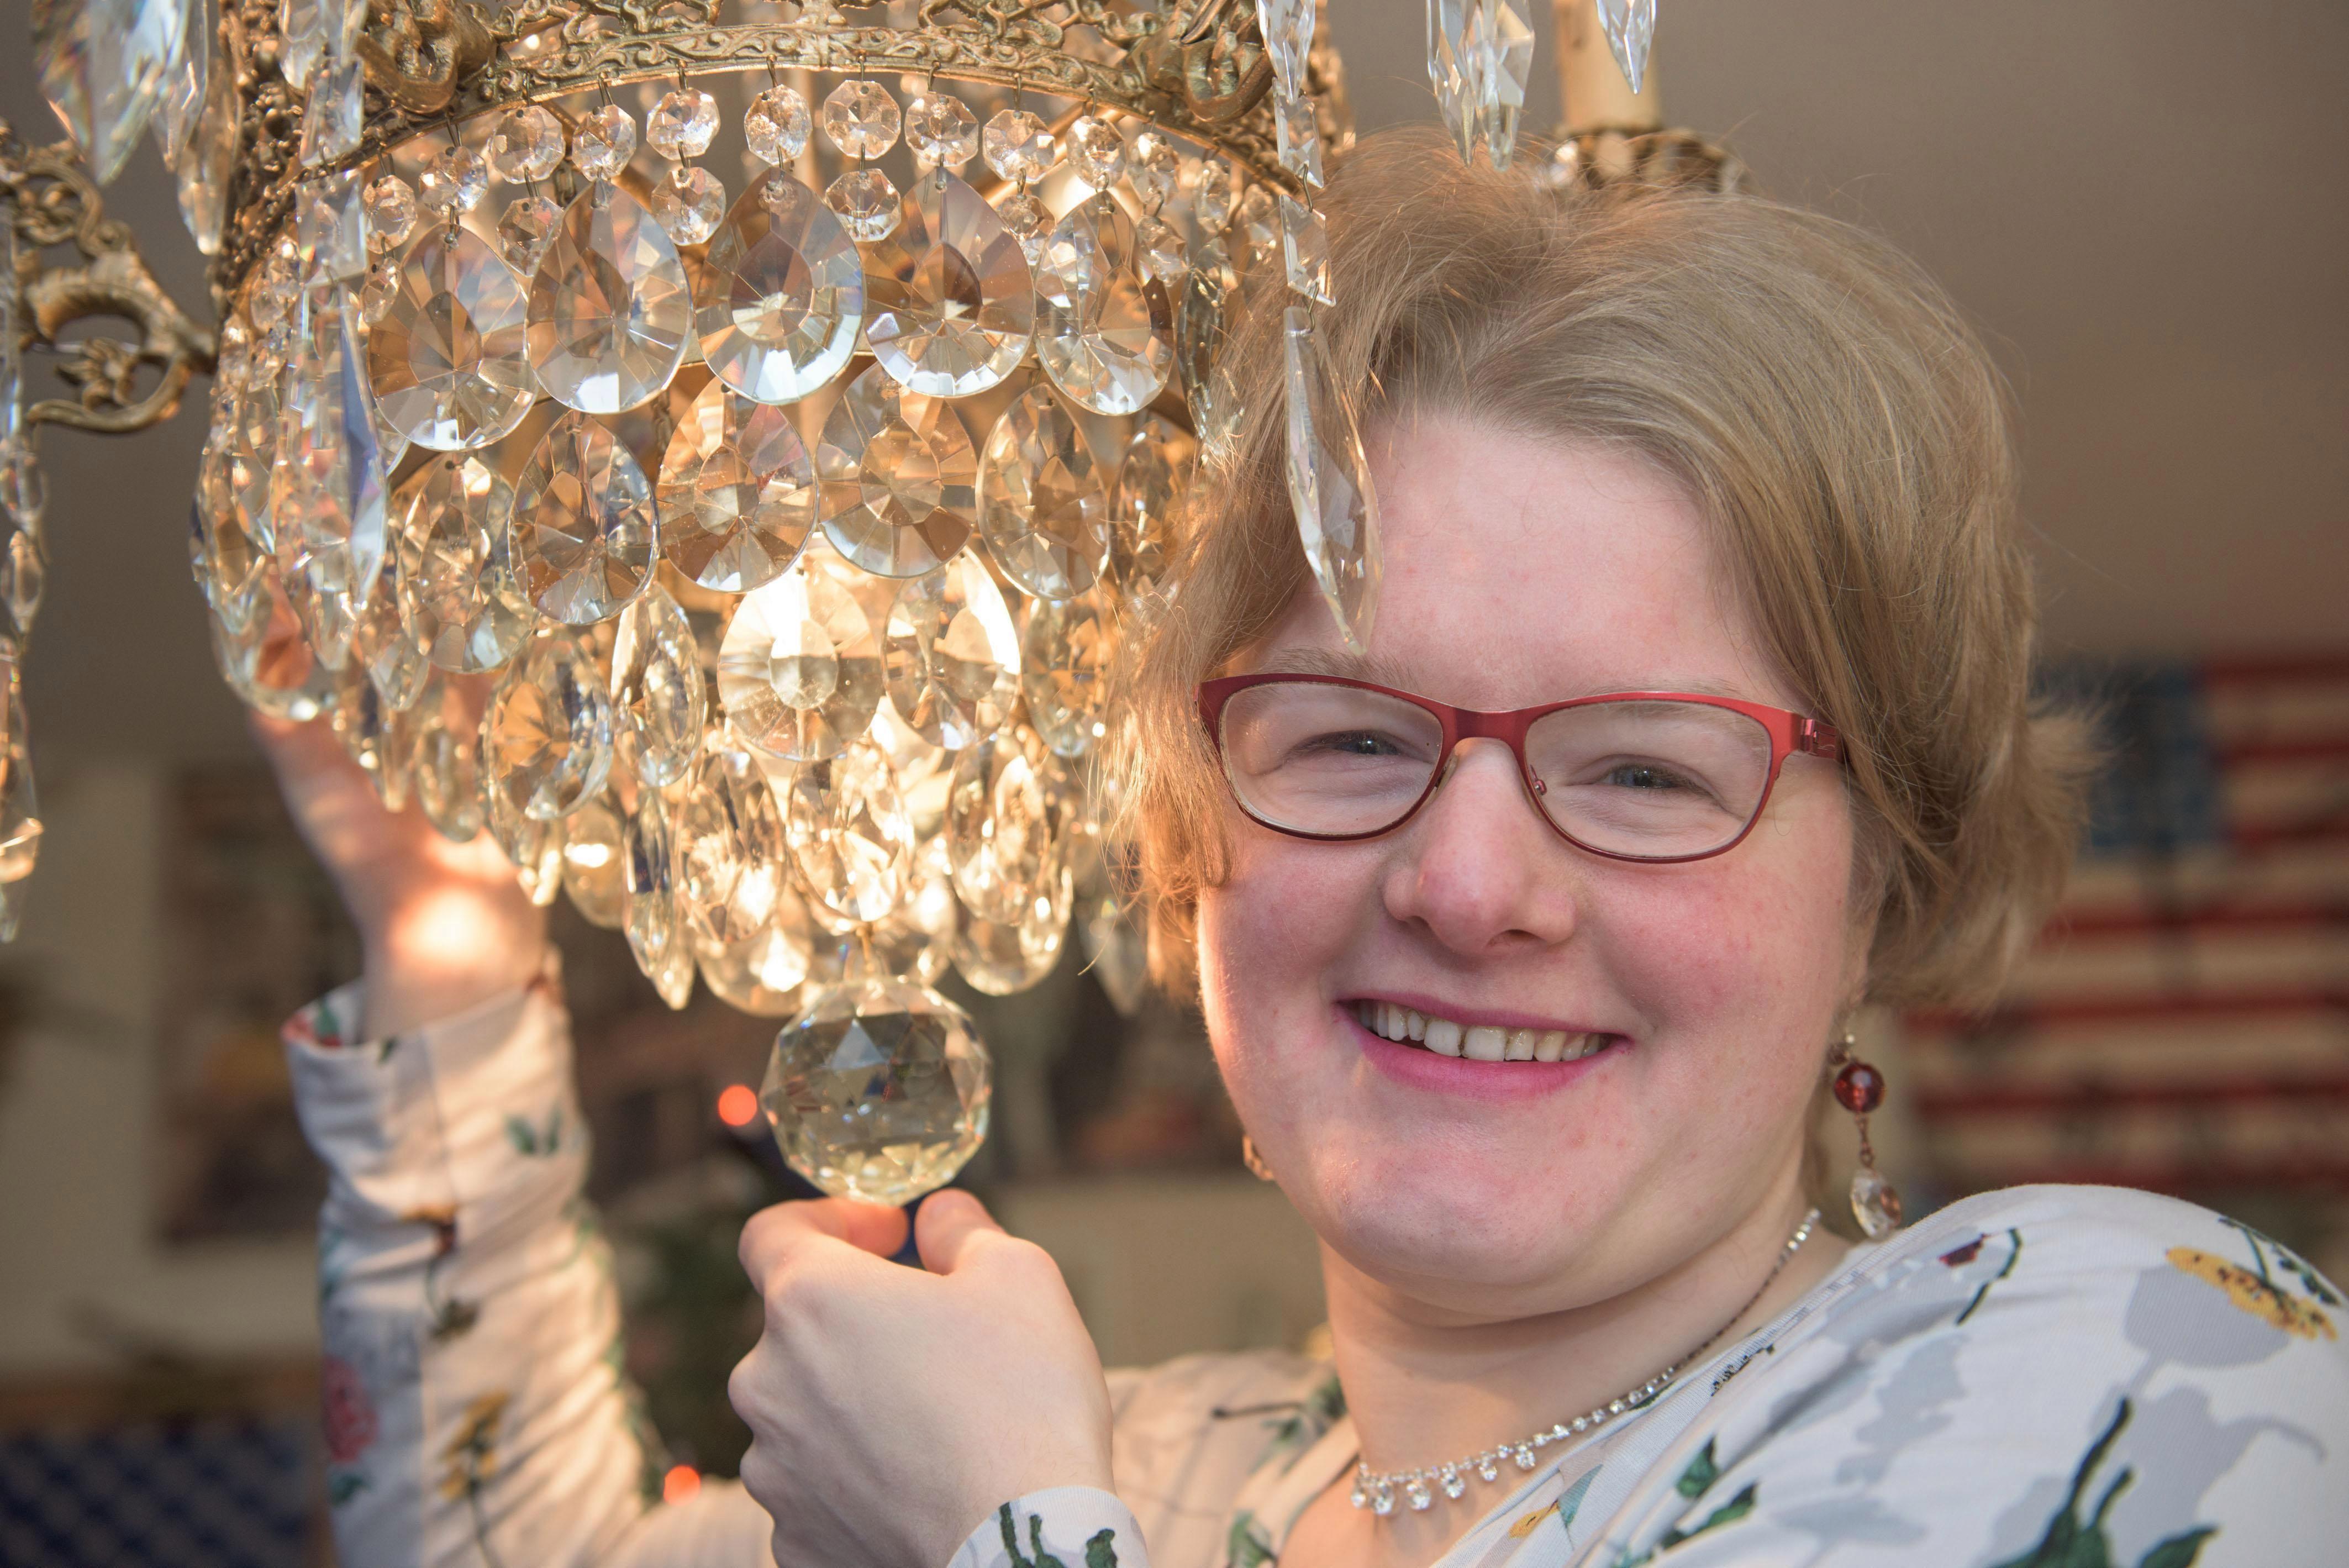 CURIOSITA' - Sposerò il mio lampadario